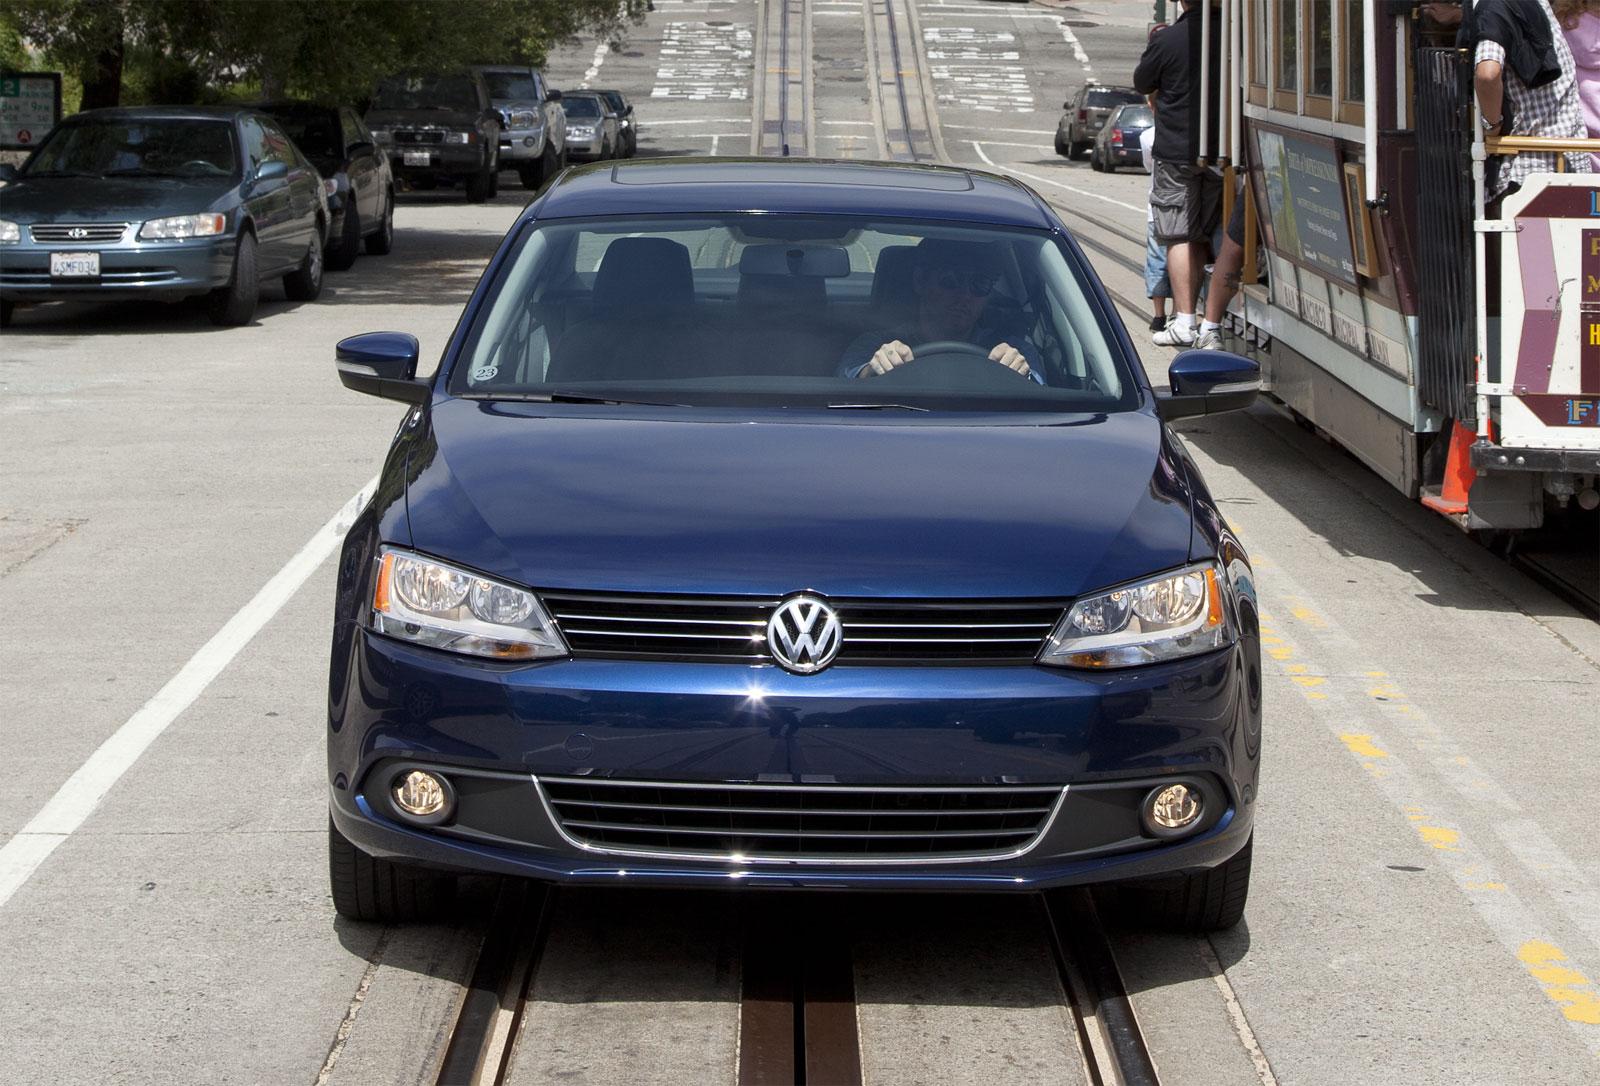 http://2.bp.blogspot.com/-cz0e67QdydM/T-N4wVoA_LI/AAAAAAAAD1U/MWhjbR7Yvjc/s1600/Volkswagen+Jetta+SE+Hd+Wallpapers+2011_2.jpg